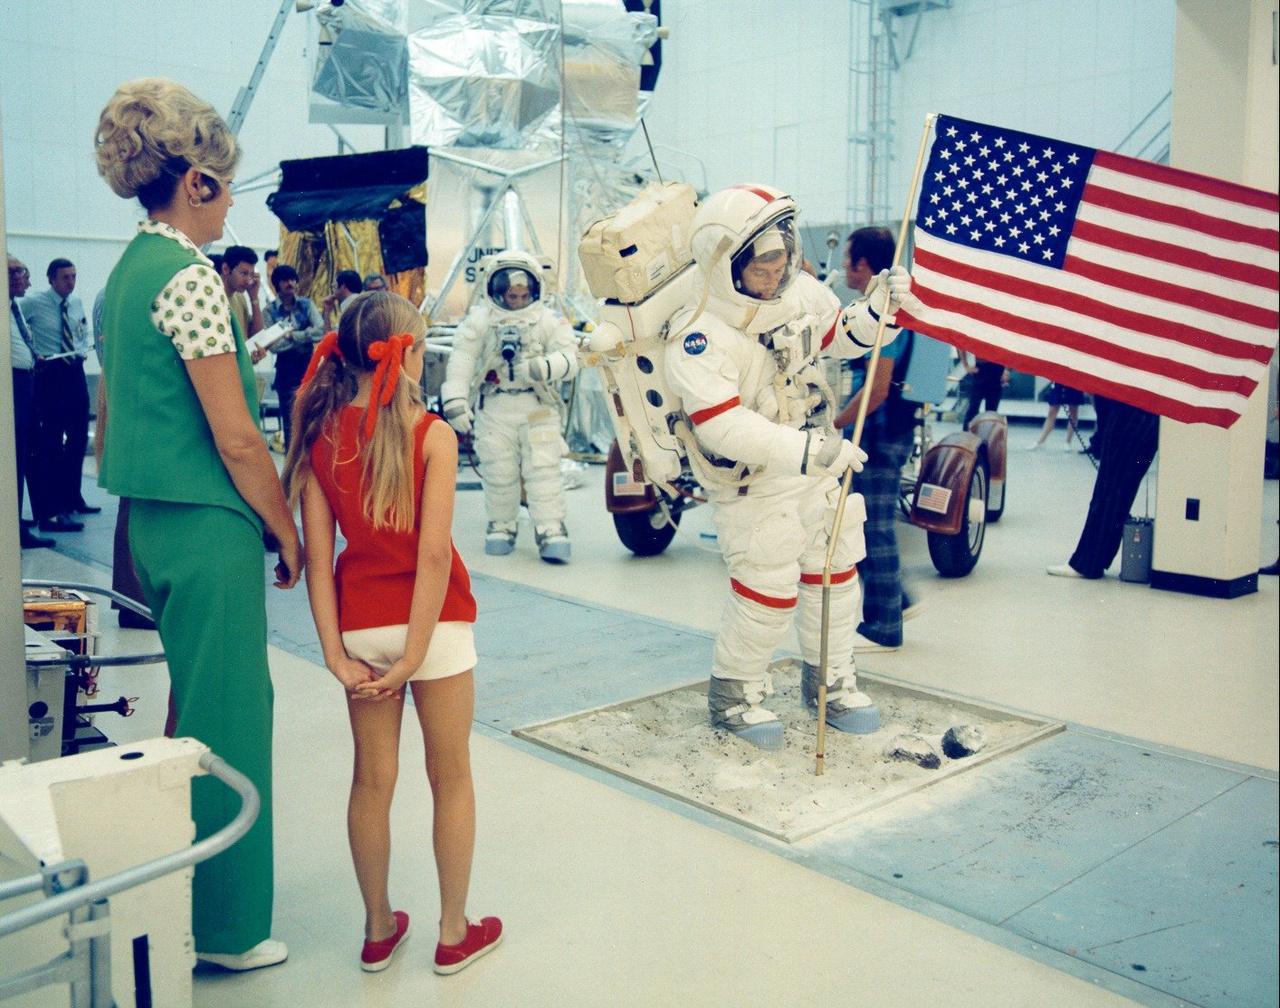 Barbara, Cernan felesége, és lányuk, Teresa azt figyelik, hogyan gyakorolja az űrhajós az amerikai zászló kitűzését.